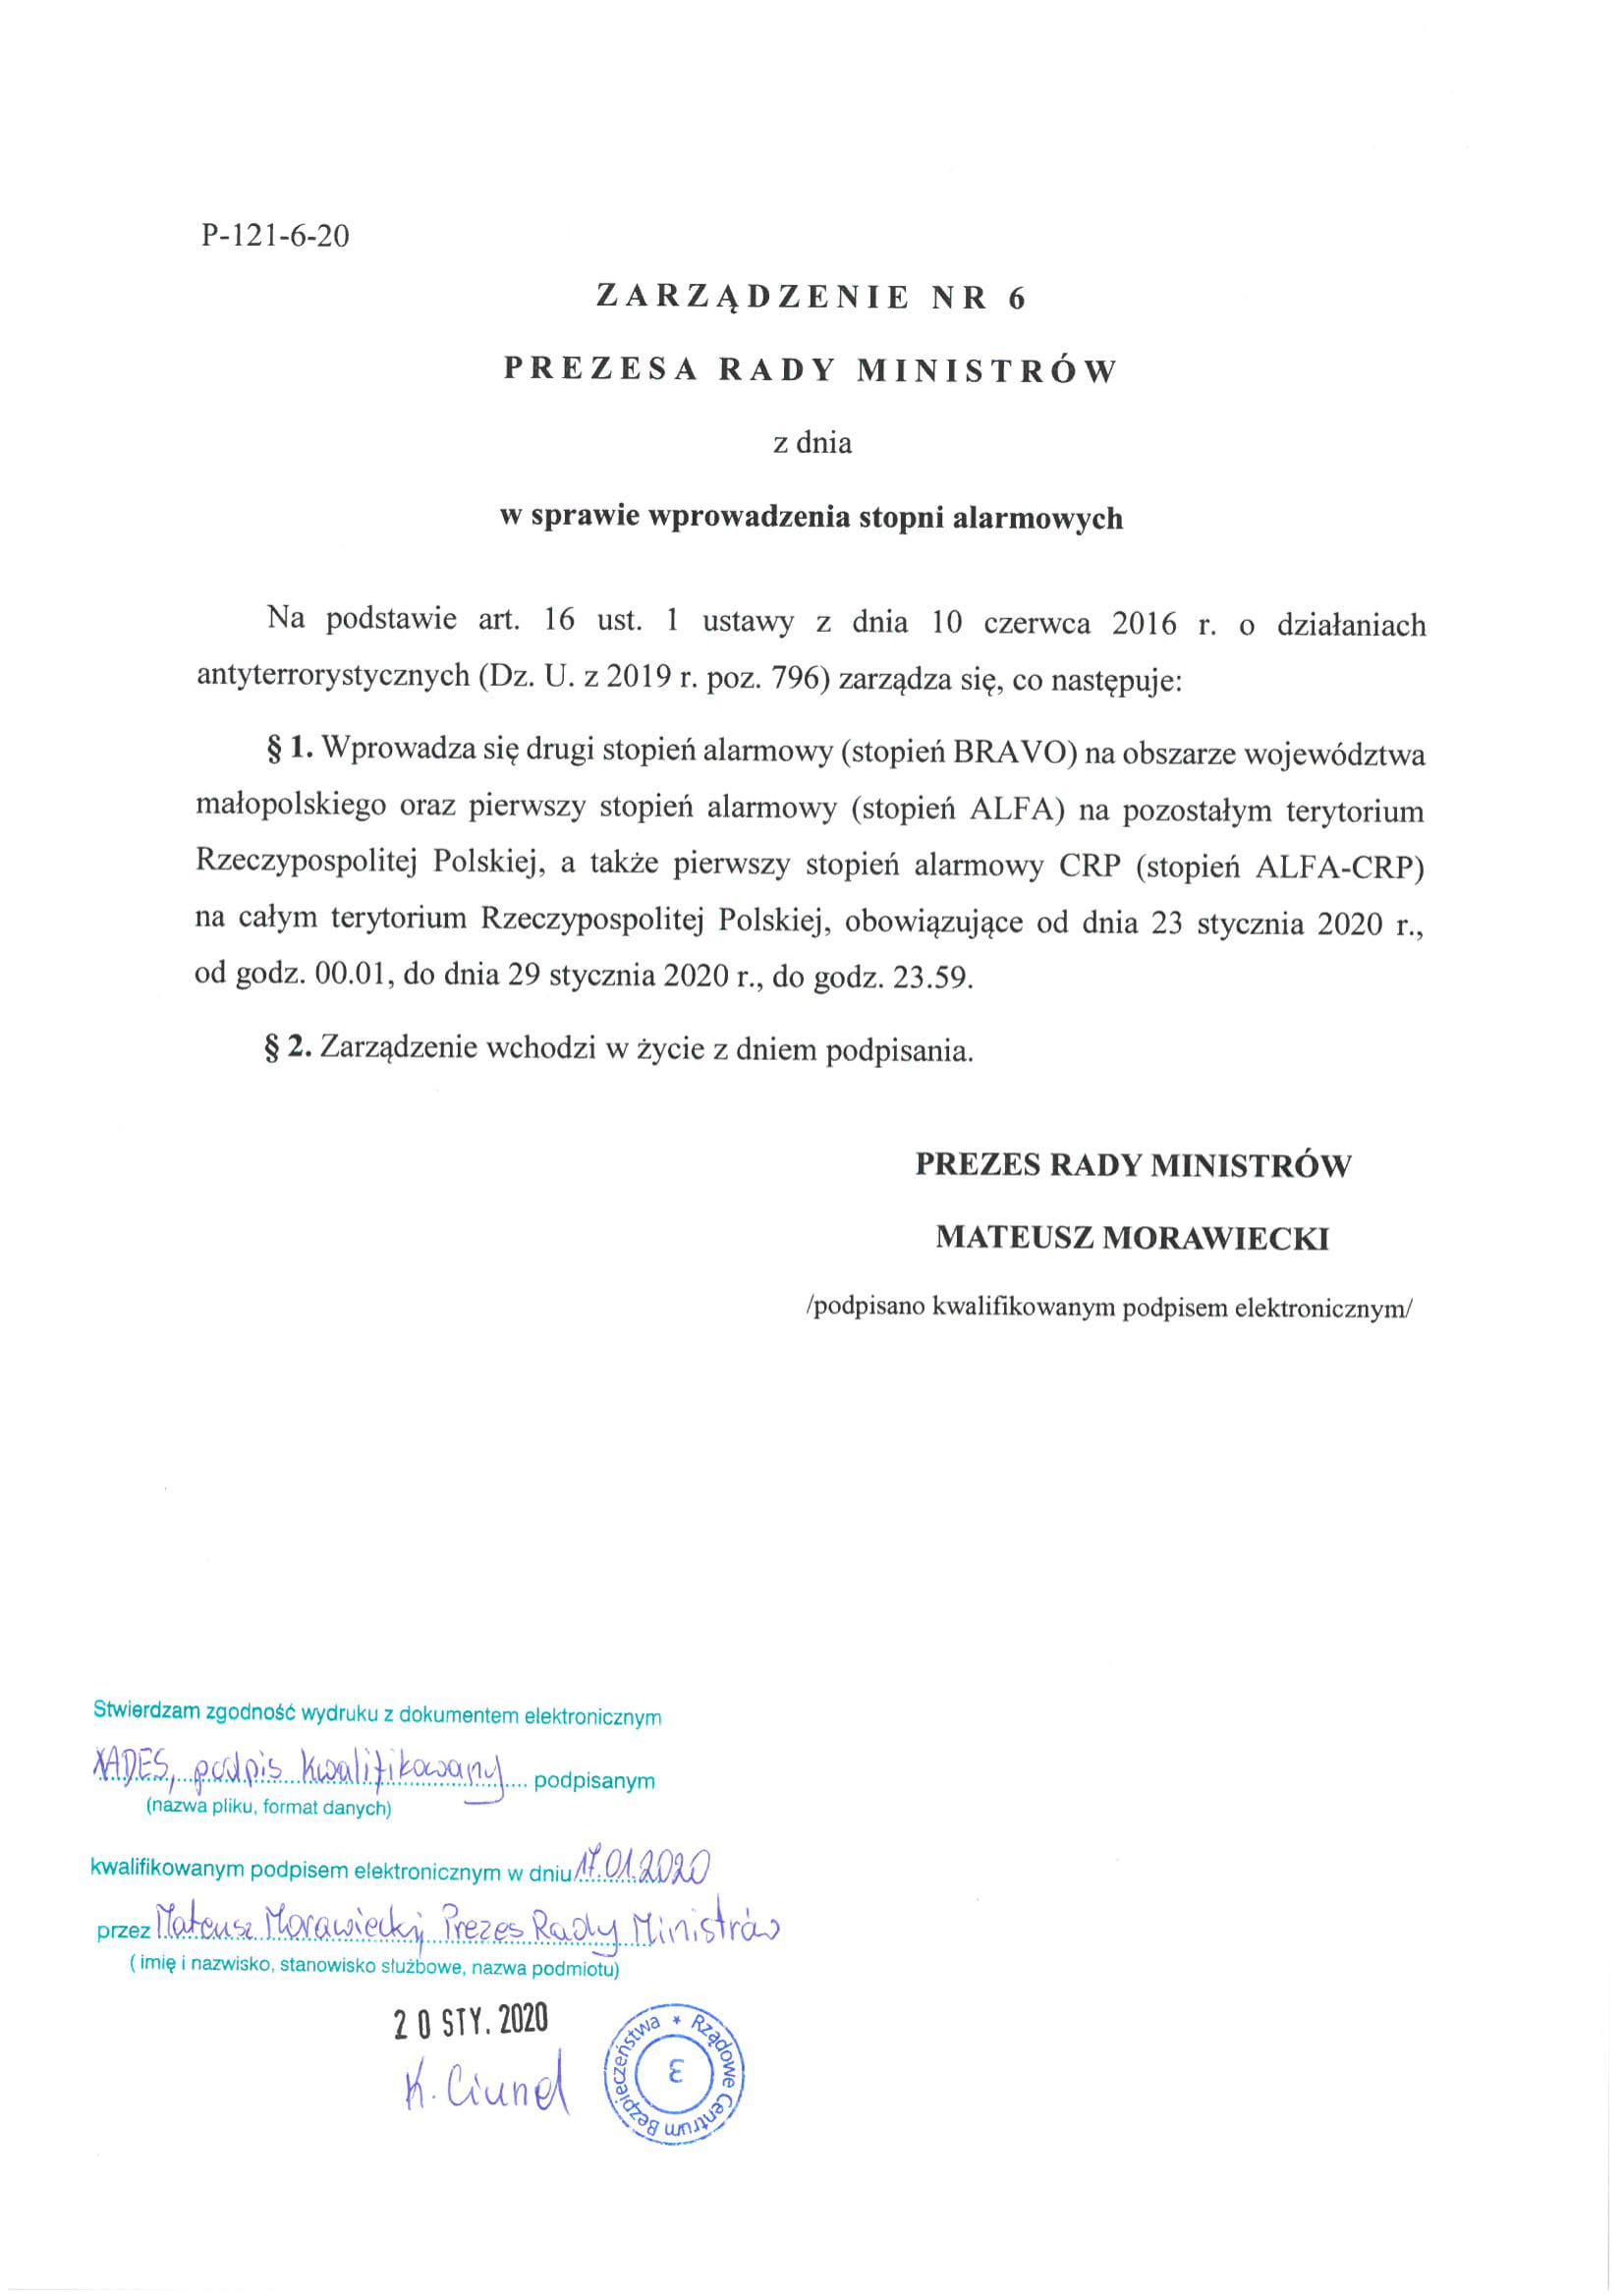 Uwaga! Preze Rady Ministrów wprowadza pierwszy stopień alarmowy (stopień ALFA) na terytorium Rzeczypospolitej Polskiej i pierwszy stopień alarmowy CRP (stopień ALFA-CRP) na całym terytorium Rzeczypospolitej Polskiej – obowiązujące od dnia 23 stycznia 2020r. od godz. 00.01 do dnia 29 stycznia 2020r. do godz. 23.59.